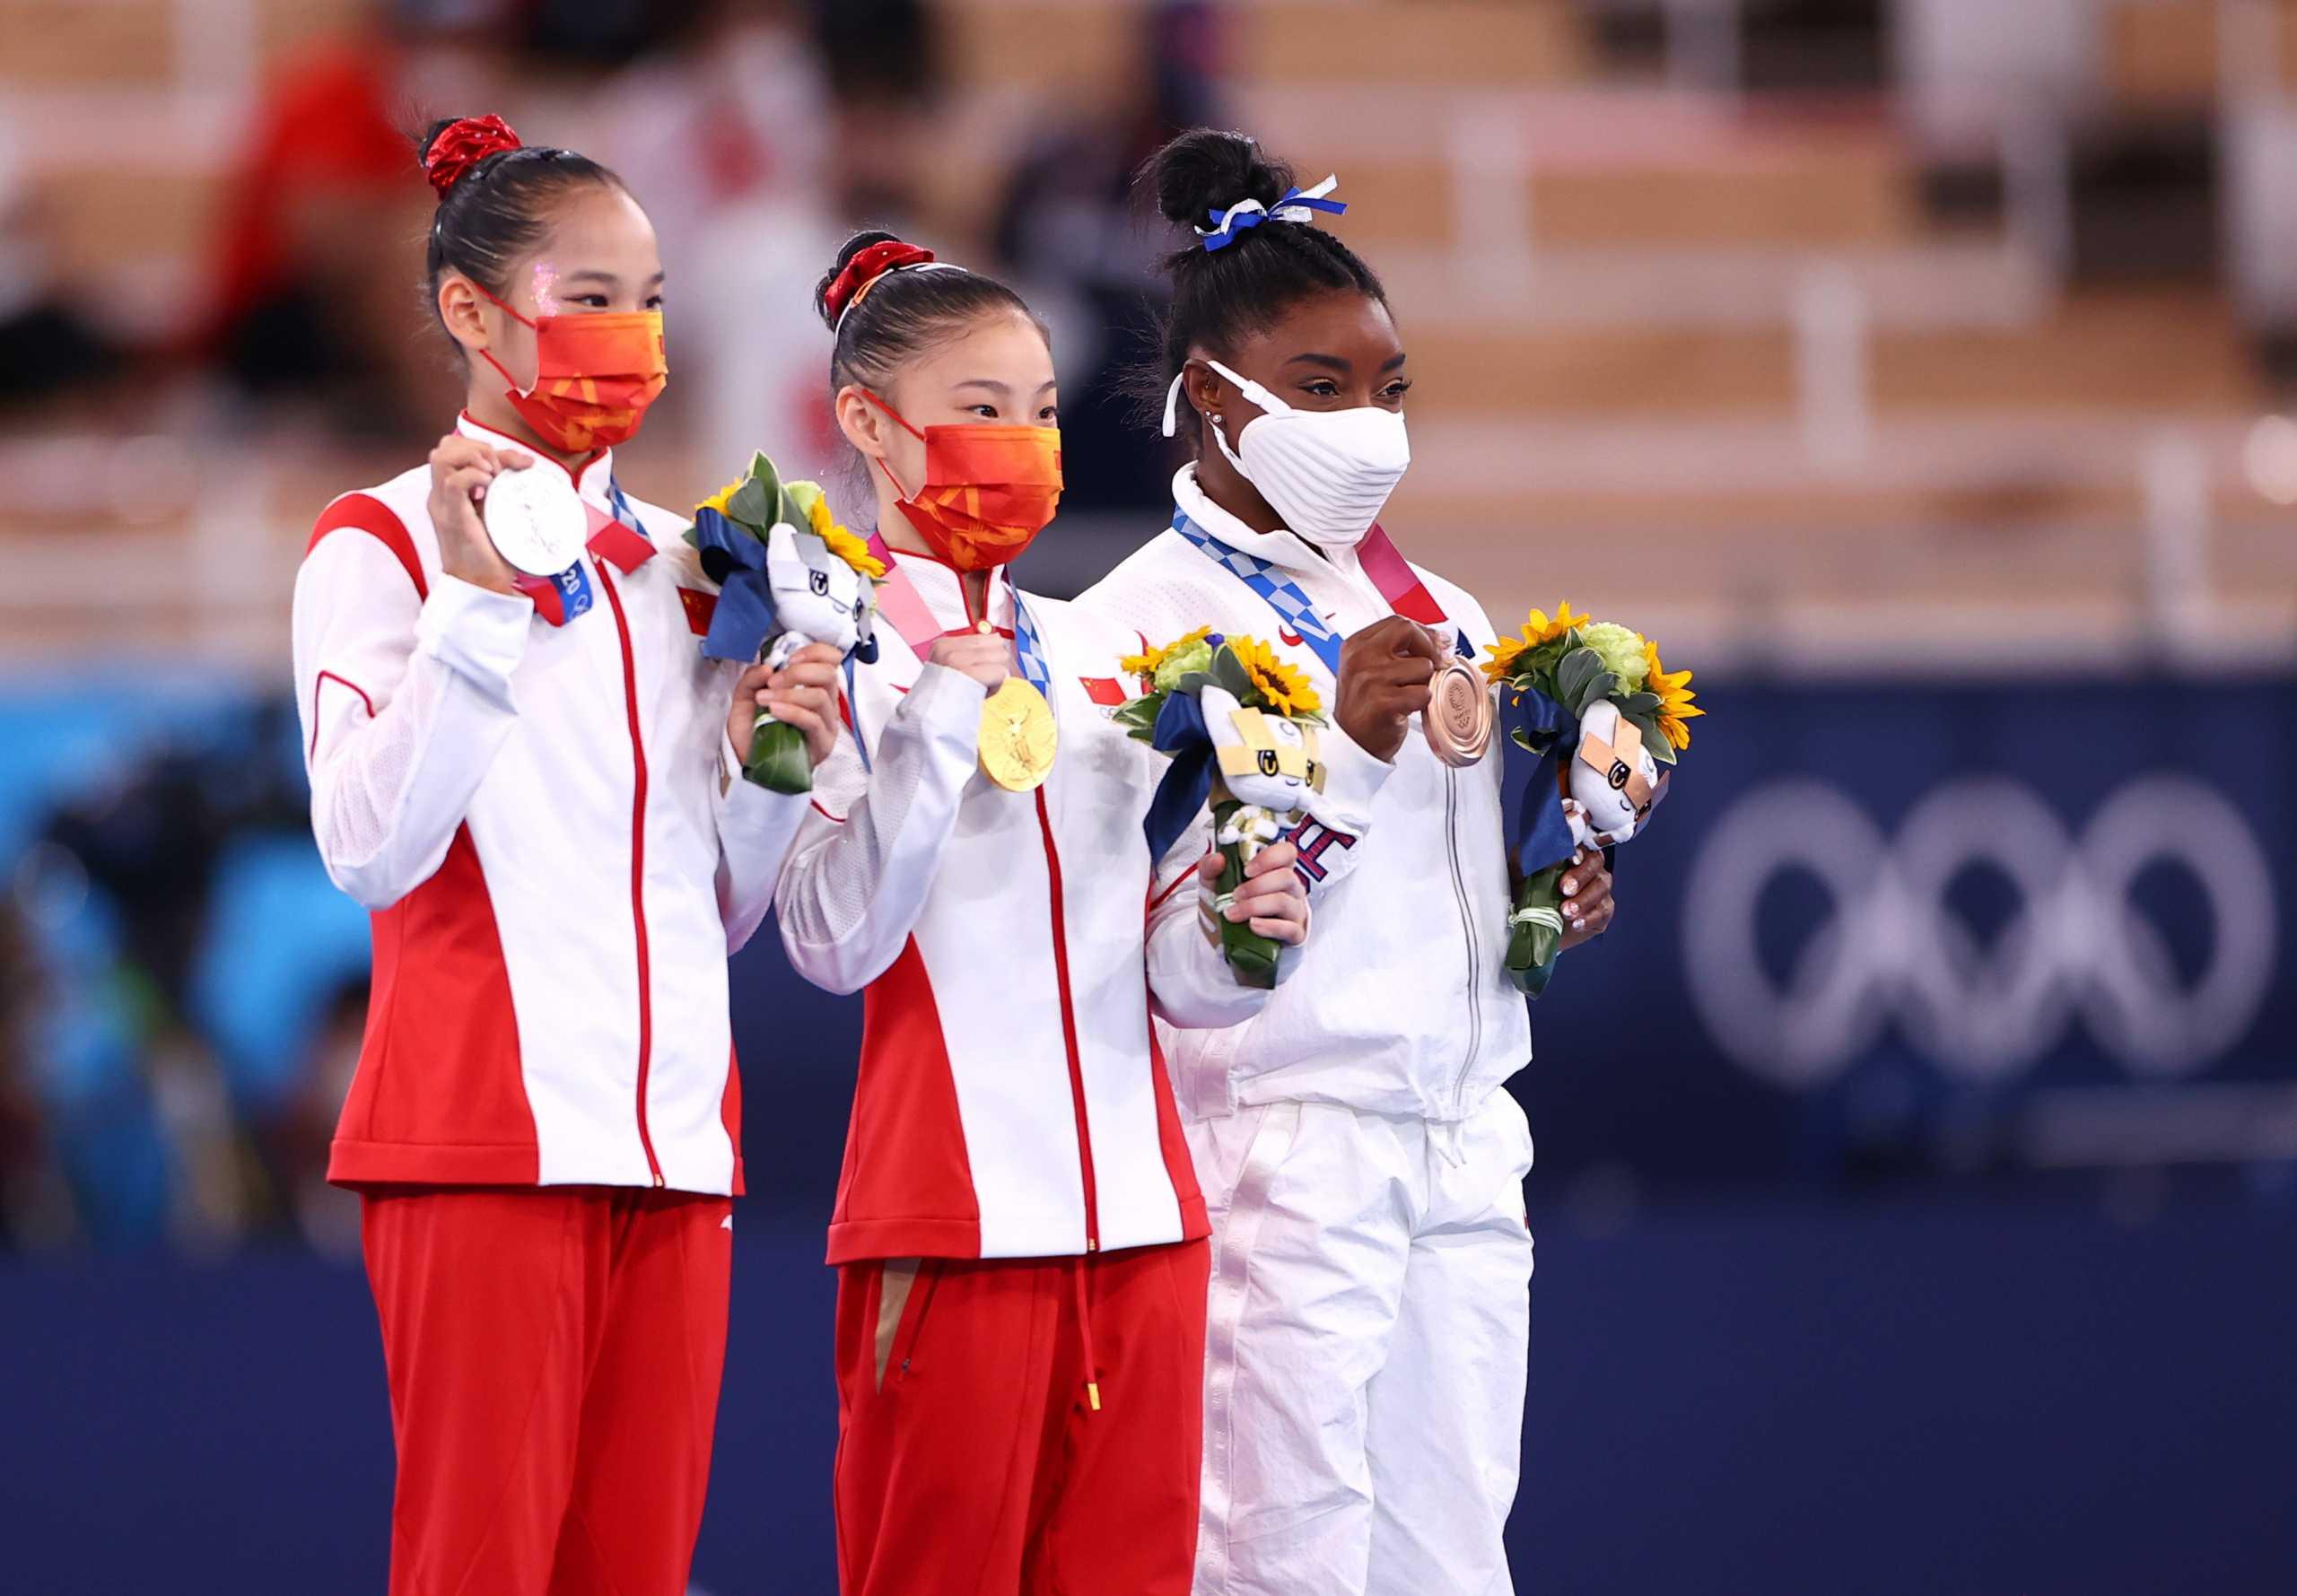 Ολυμπιακοί Αγώνες: Χάλκινο μετάλλιο για την Μπάιλς στην επιστροφή της, το χρυσό η Κινέζα, Τανγκ